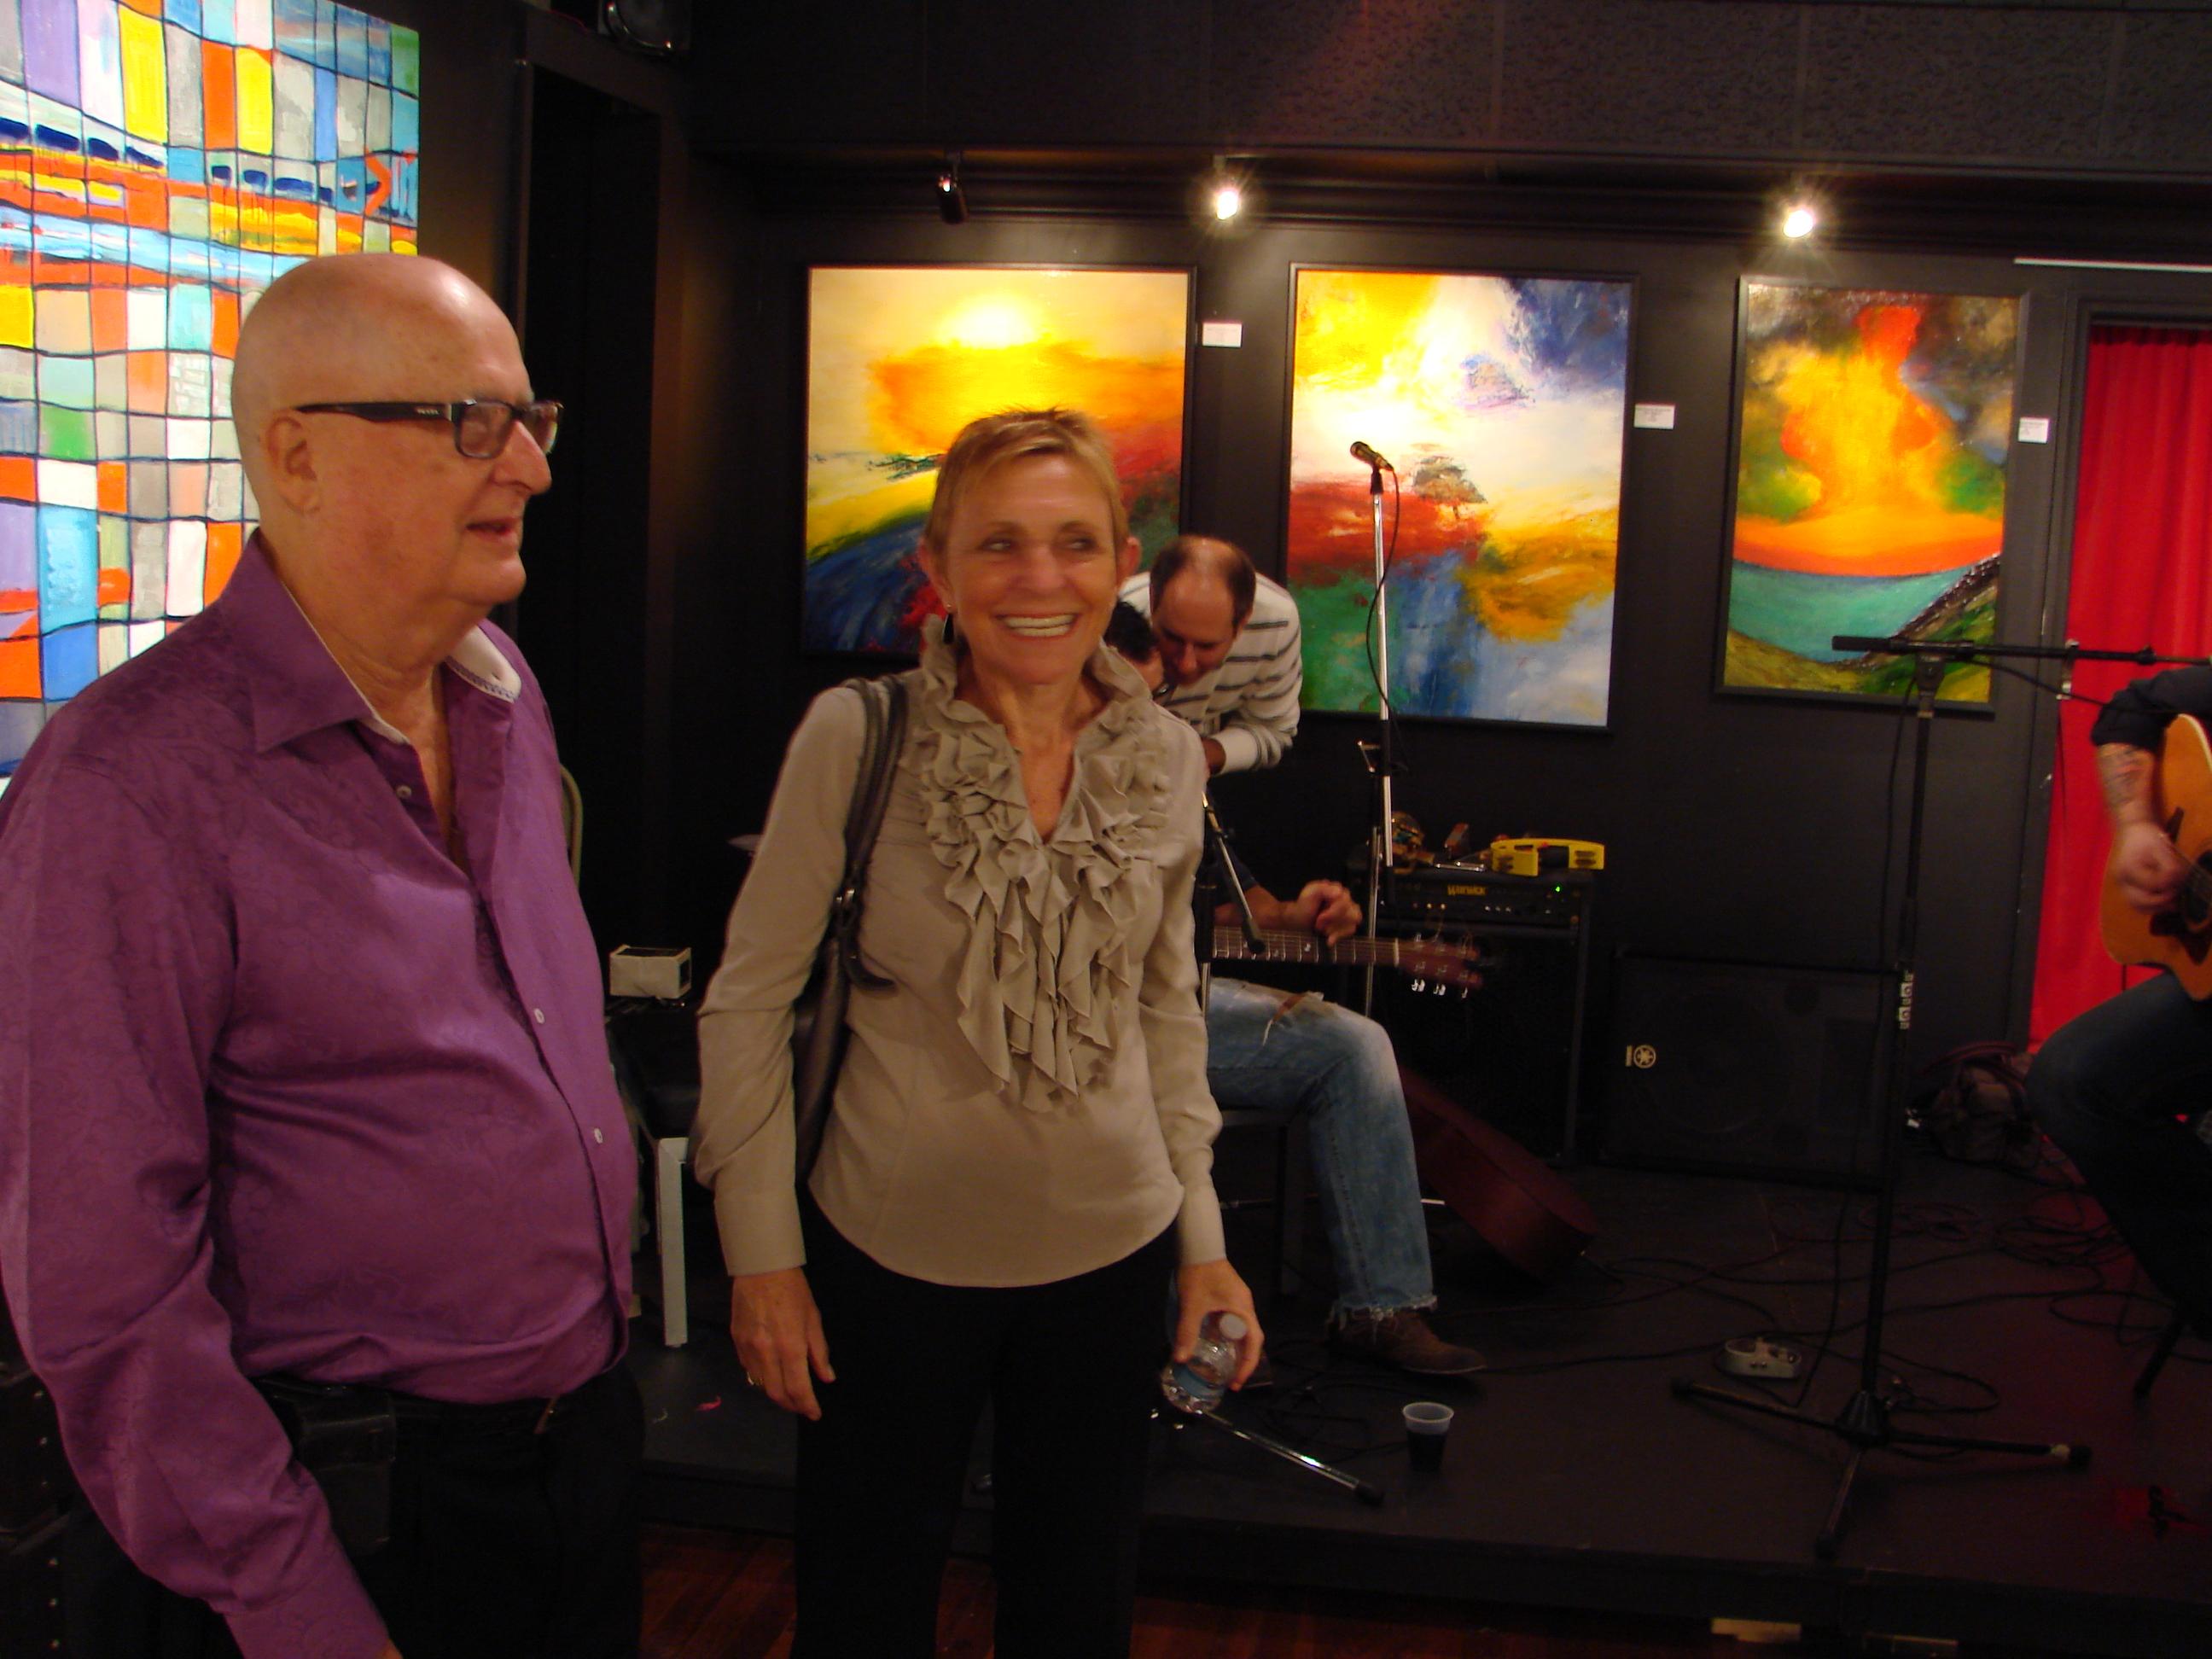 2012 Gallery 101 Ft Lauderdale_002